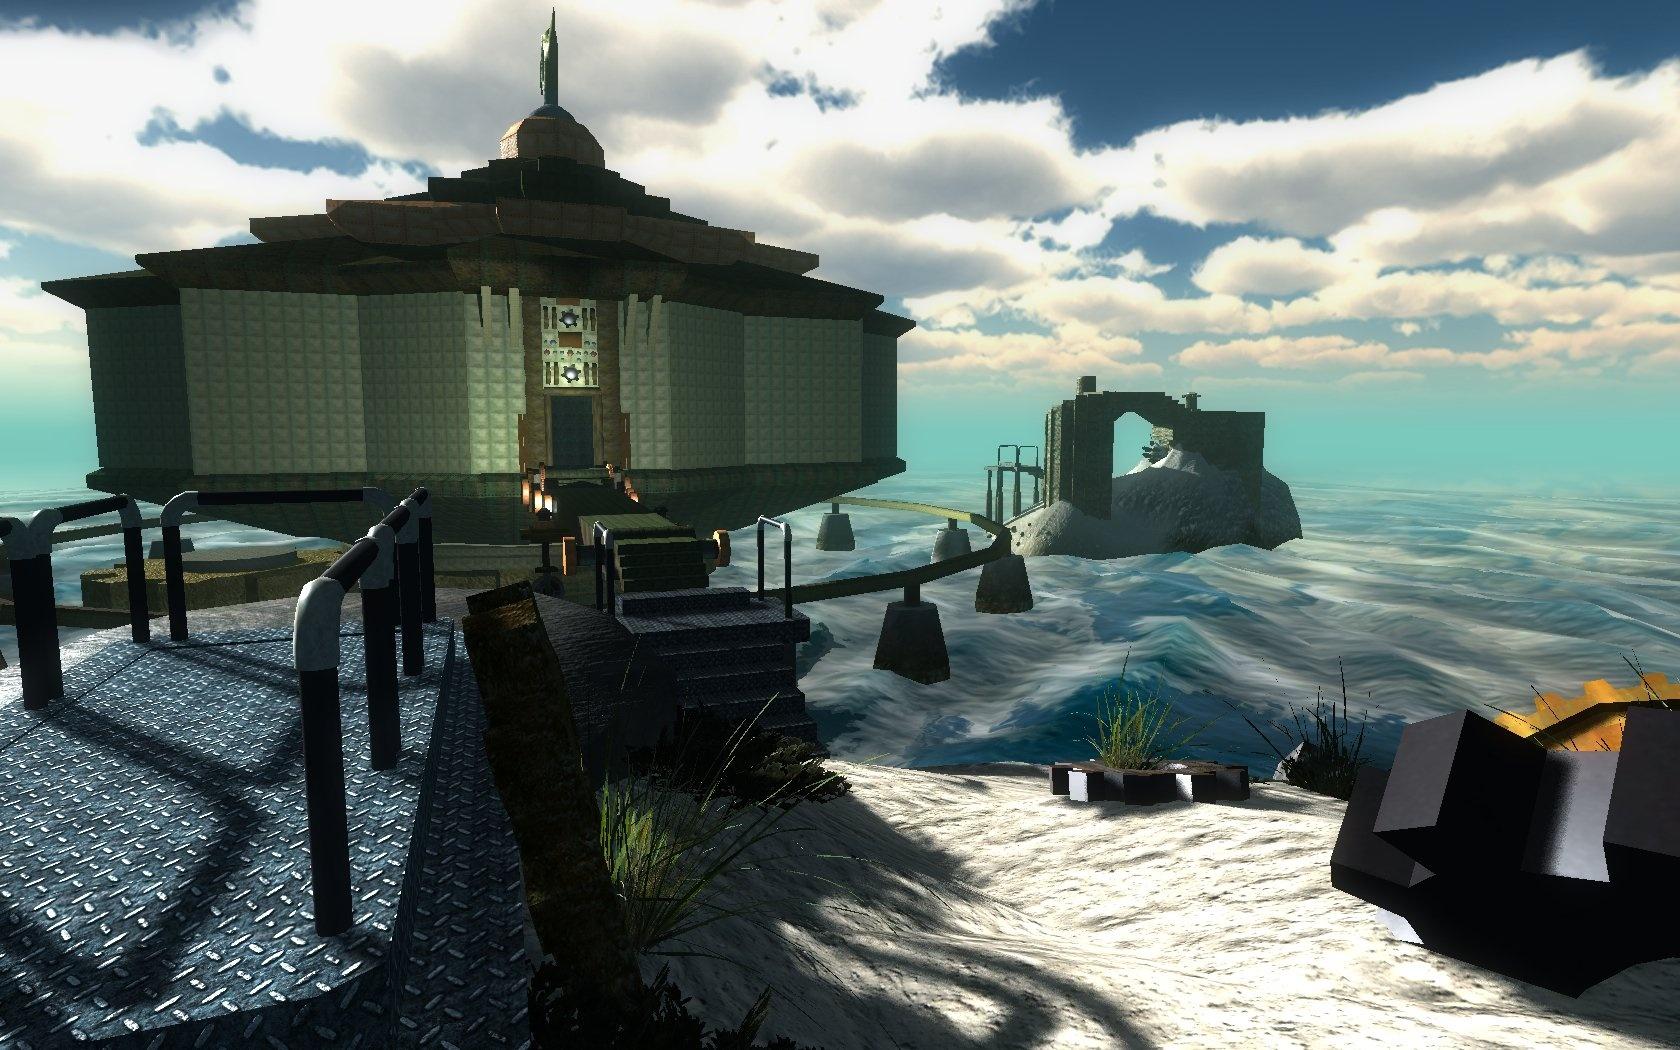 Village Roadshow займётся экранизацией культового квеста Myst